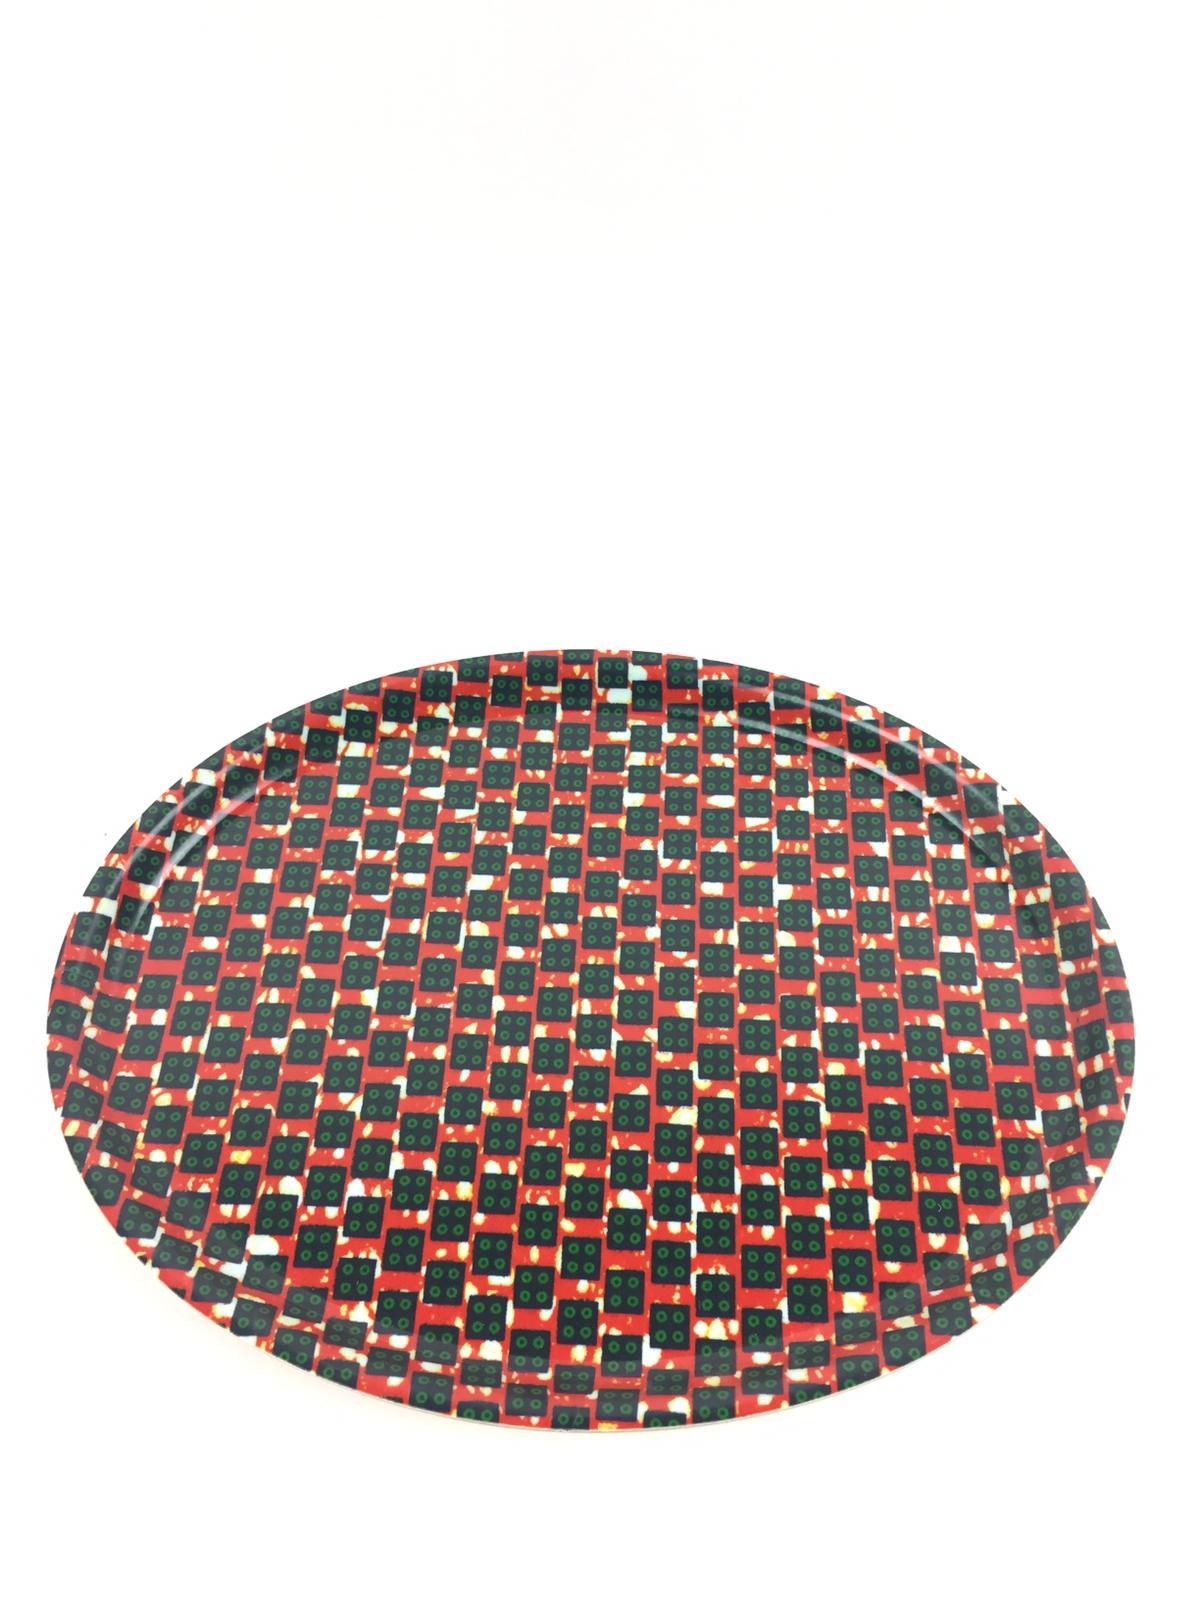 Bricka Oval, afrikanskt tyg